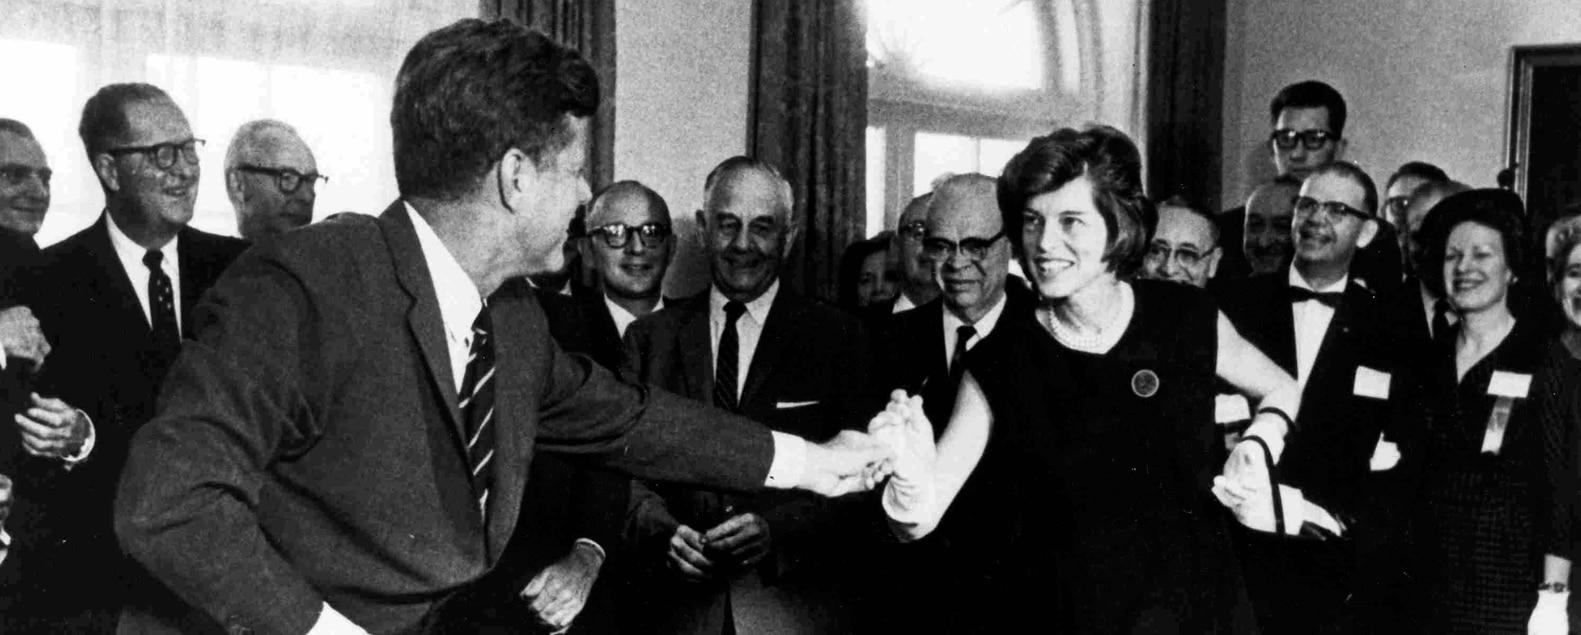 JFK-EKS